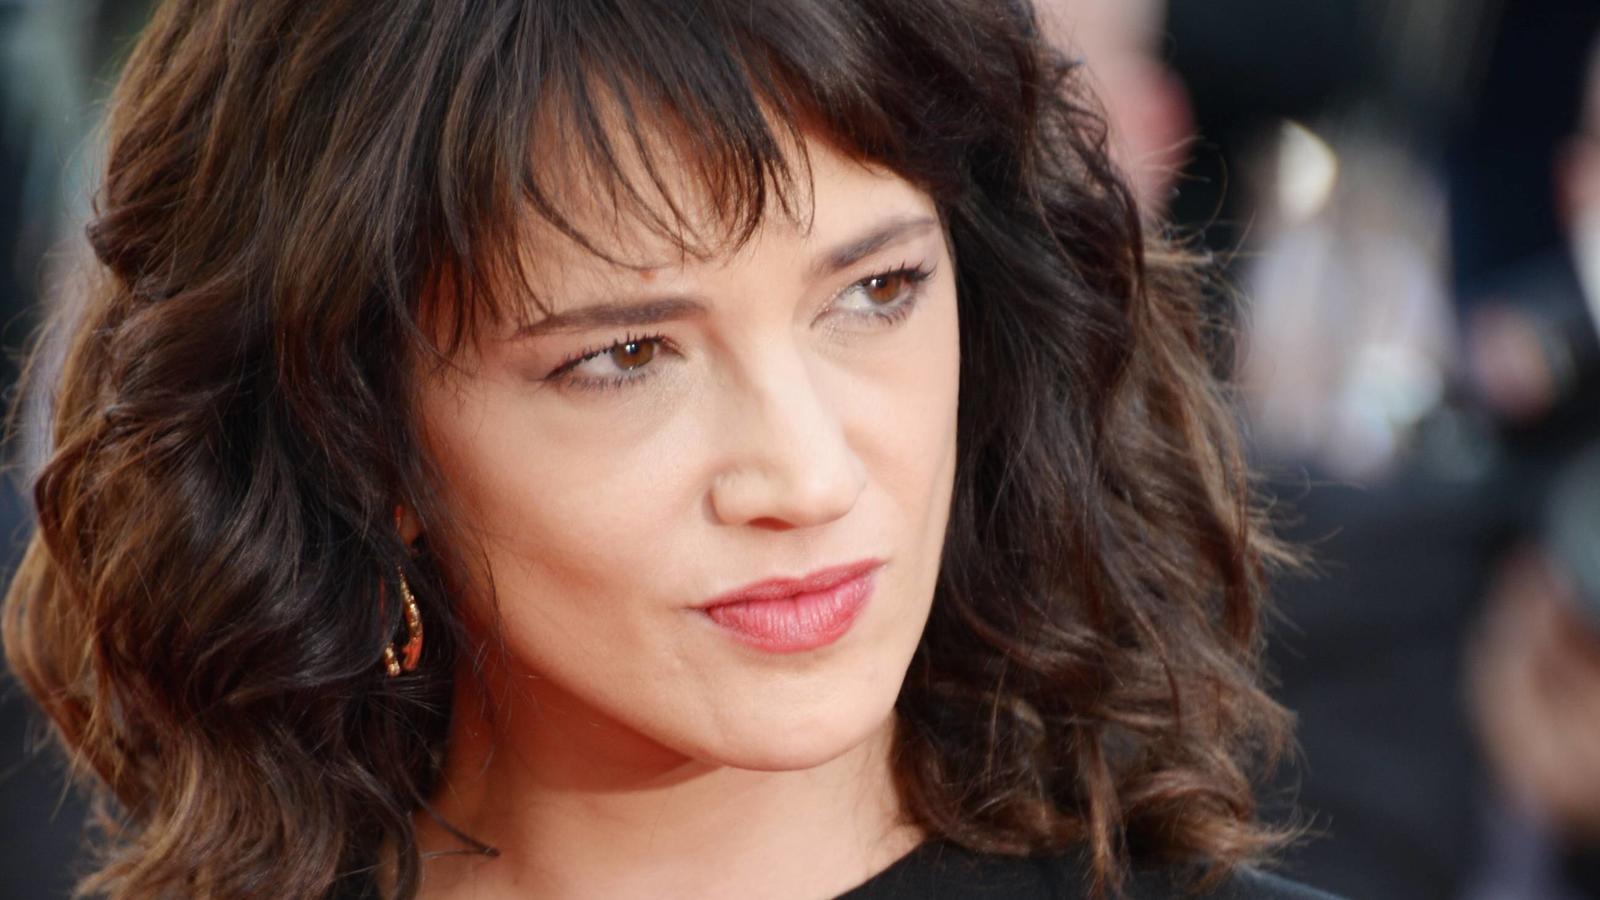 Asia Argento dementiert sexuellen Missbrauch an Jimmy Bennett